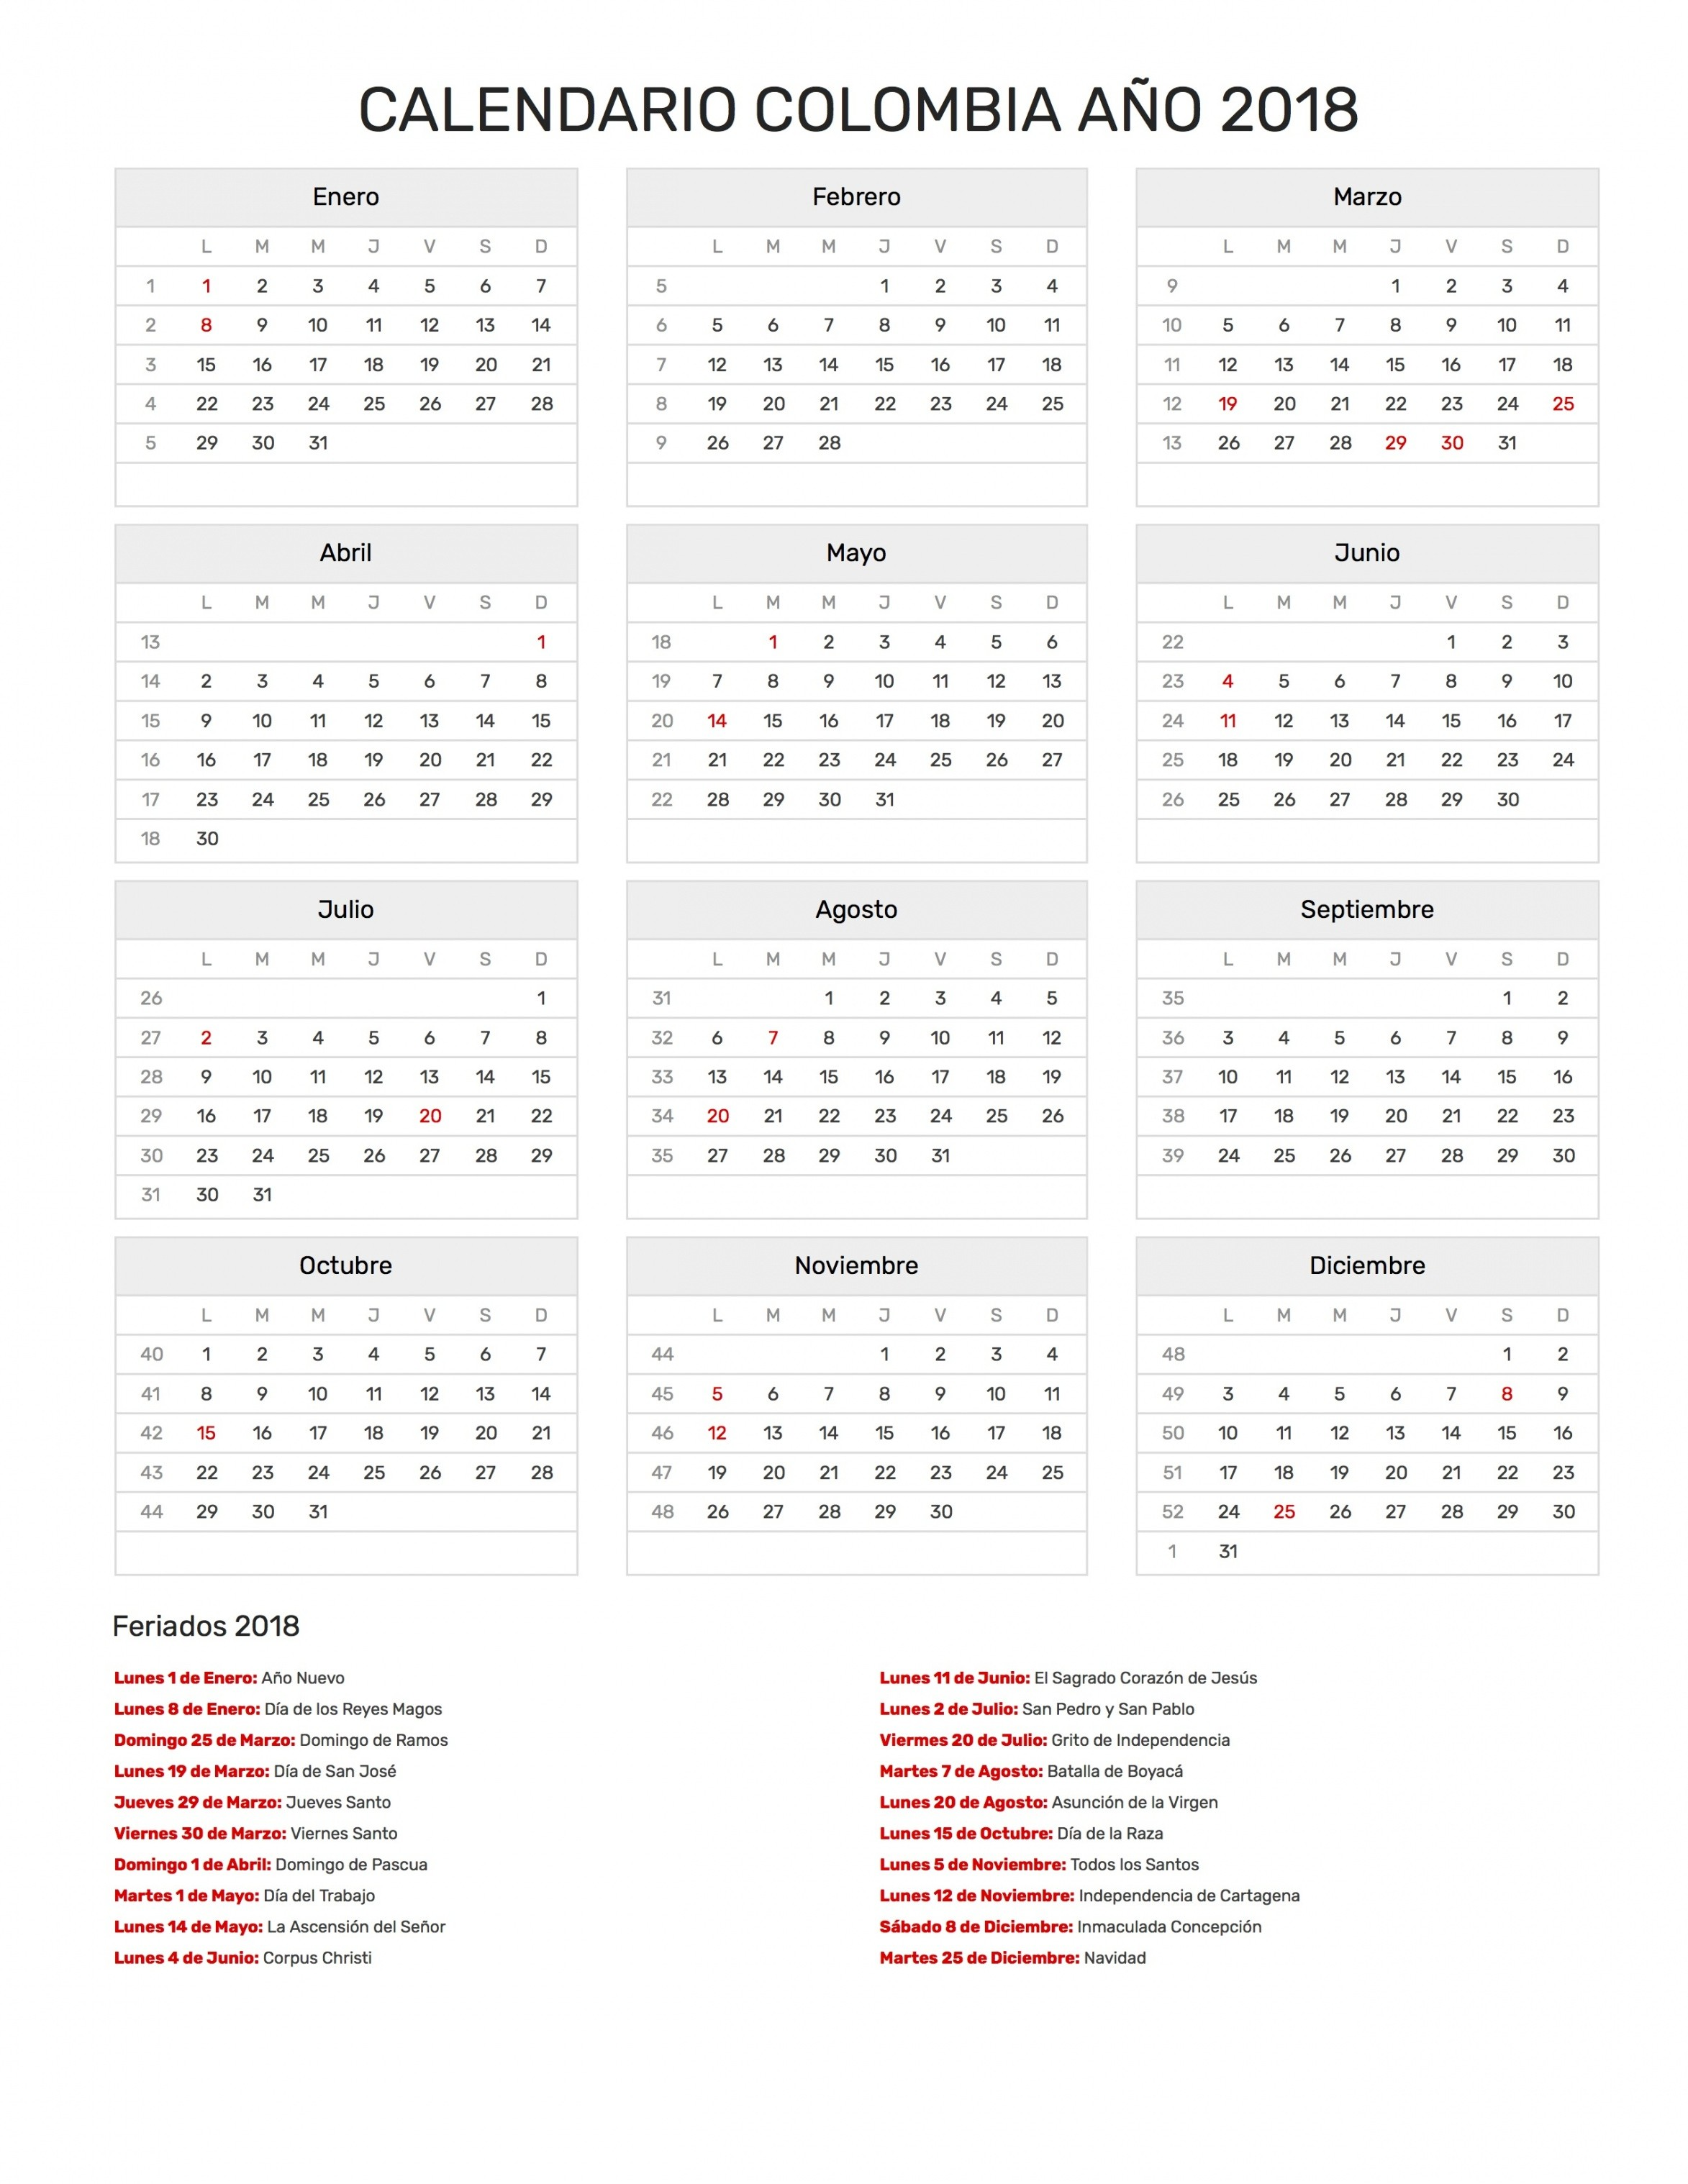 Calendario Febrero 2019 Dias Festivos Más Arriba-a-fecha Calendario 2018 Con Festivos — Fiesta De Lamusica Medellin Of Calendario Febrero 2019 Dias Festivos Más Arriba-a-fecha Informacion Calendario 2019 Argentina Para Imprimir Febrero